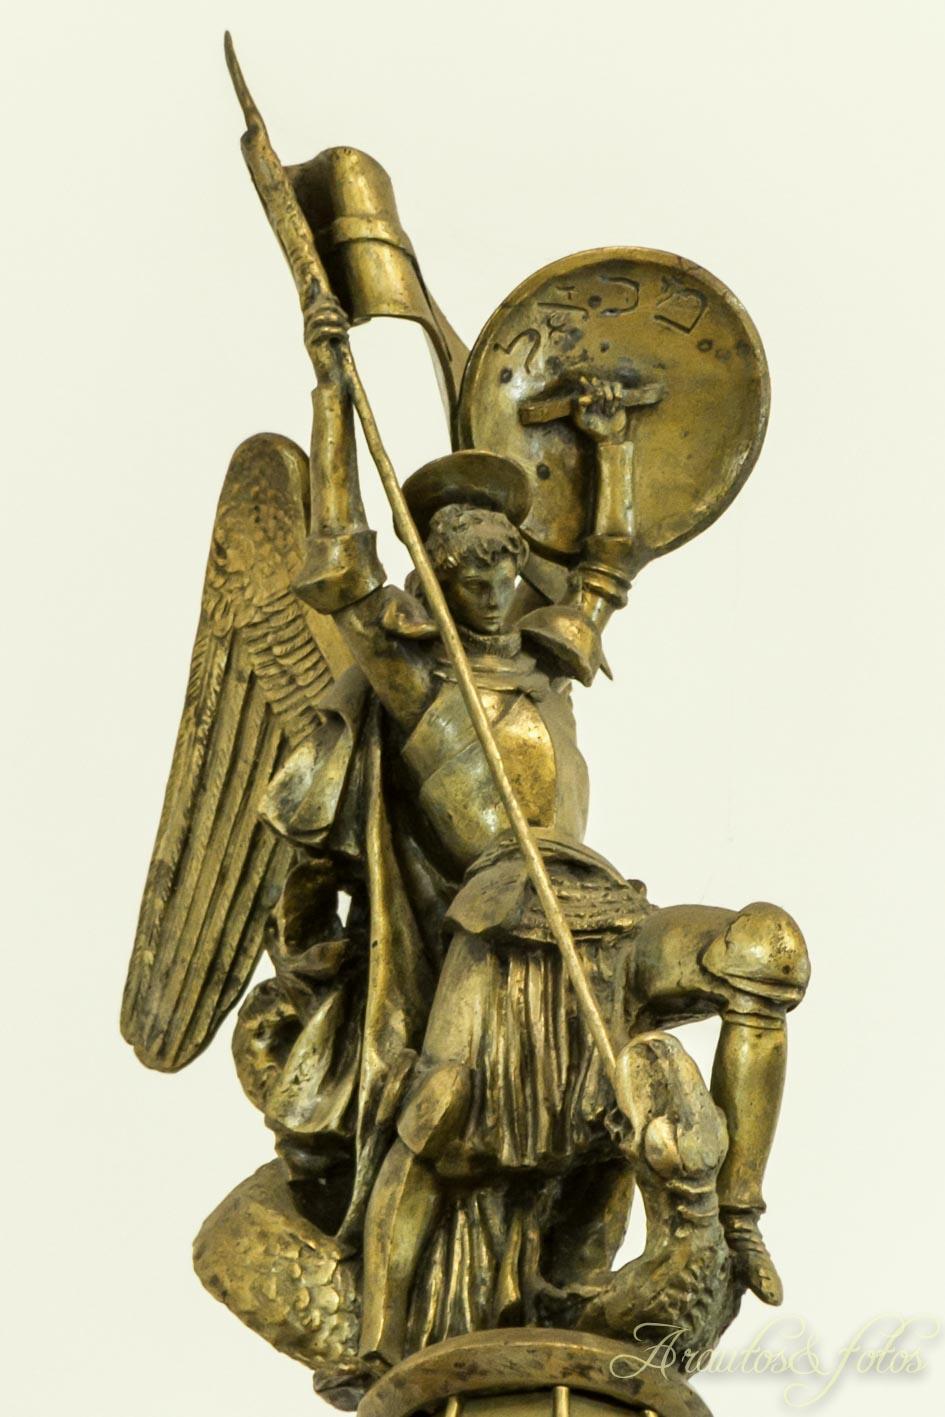 foto-arautos-do-evangelho-sao-miguel-anjo-imagens-sacrario-da-capela-lateral-da-catedal-de-sao-paulo-img_0540